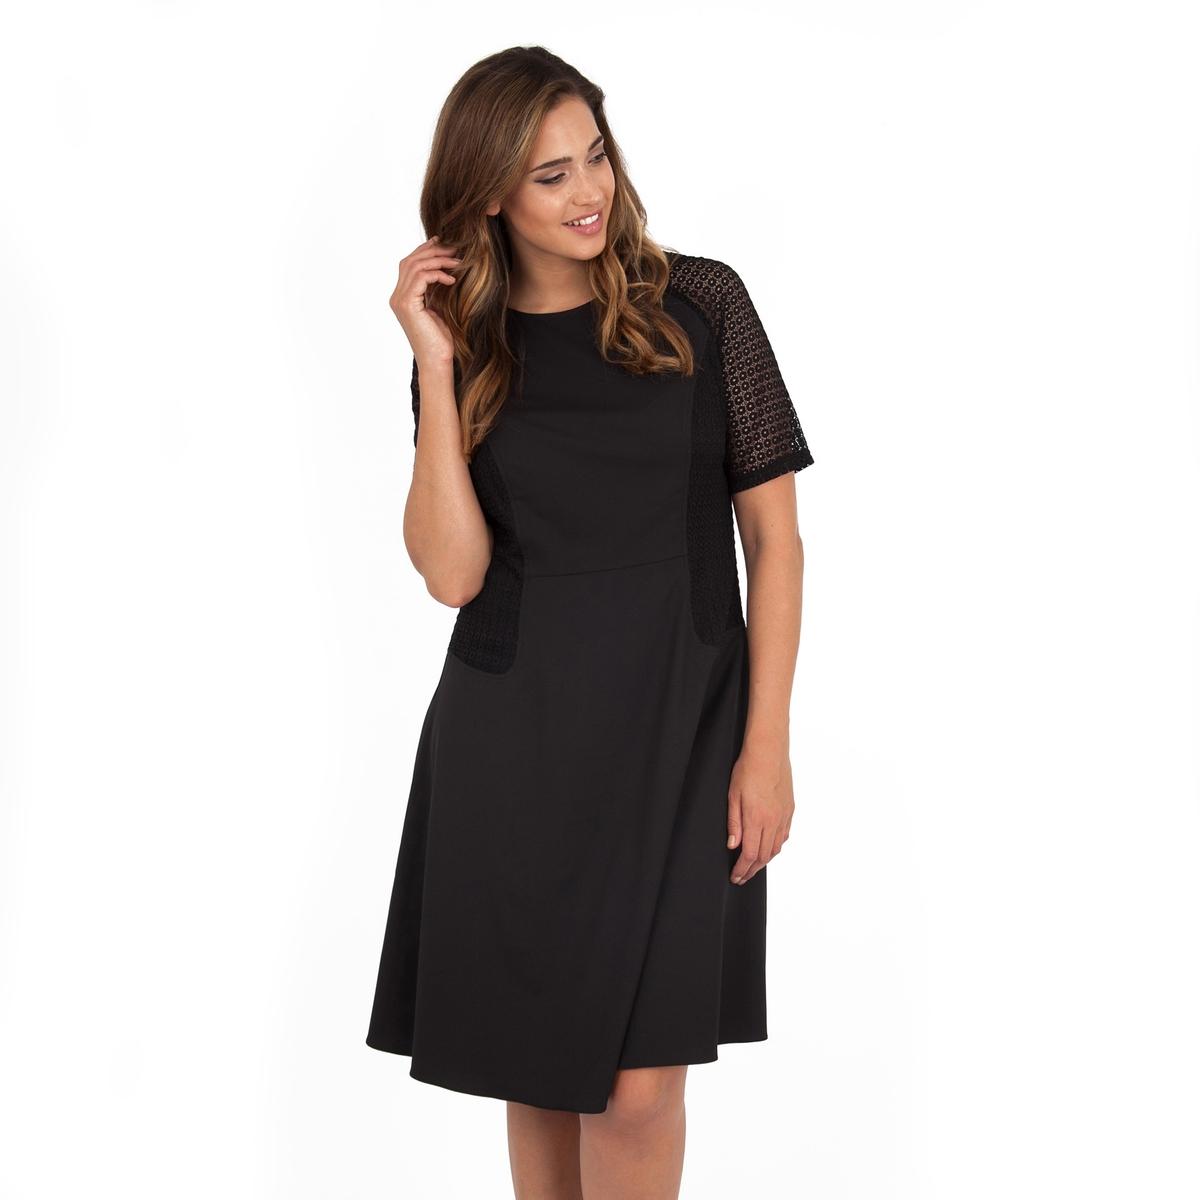 ПлатьеПлатье с короткими рукавами - KOKO BY KOKO. Красивые прозрачные рукава и вставки по бокам. Длина ок.104 см. 100% полиэстера.<br><br>Цвет: черный<br>Размер: 48 (FR) - 54 (RUS).50/52 (FR) - 56/58 (RUS)